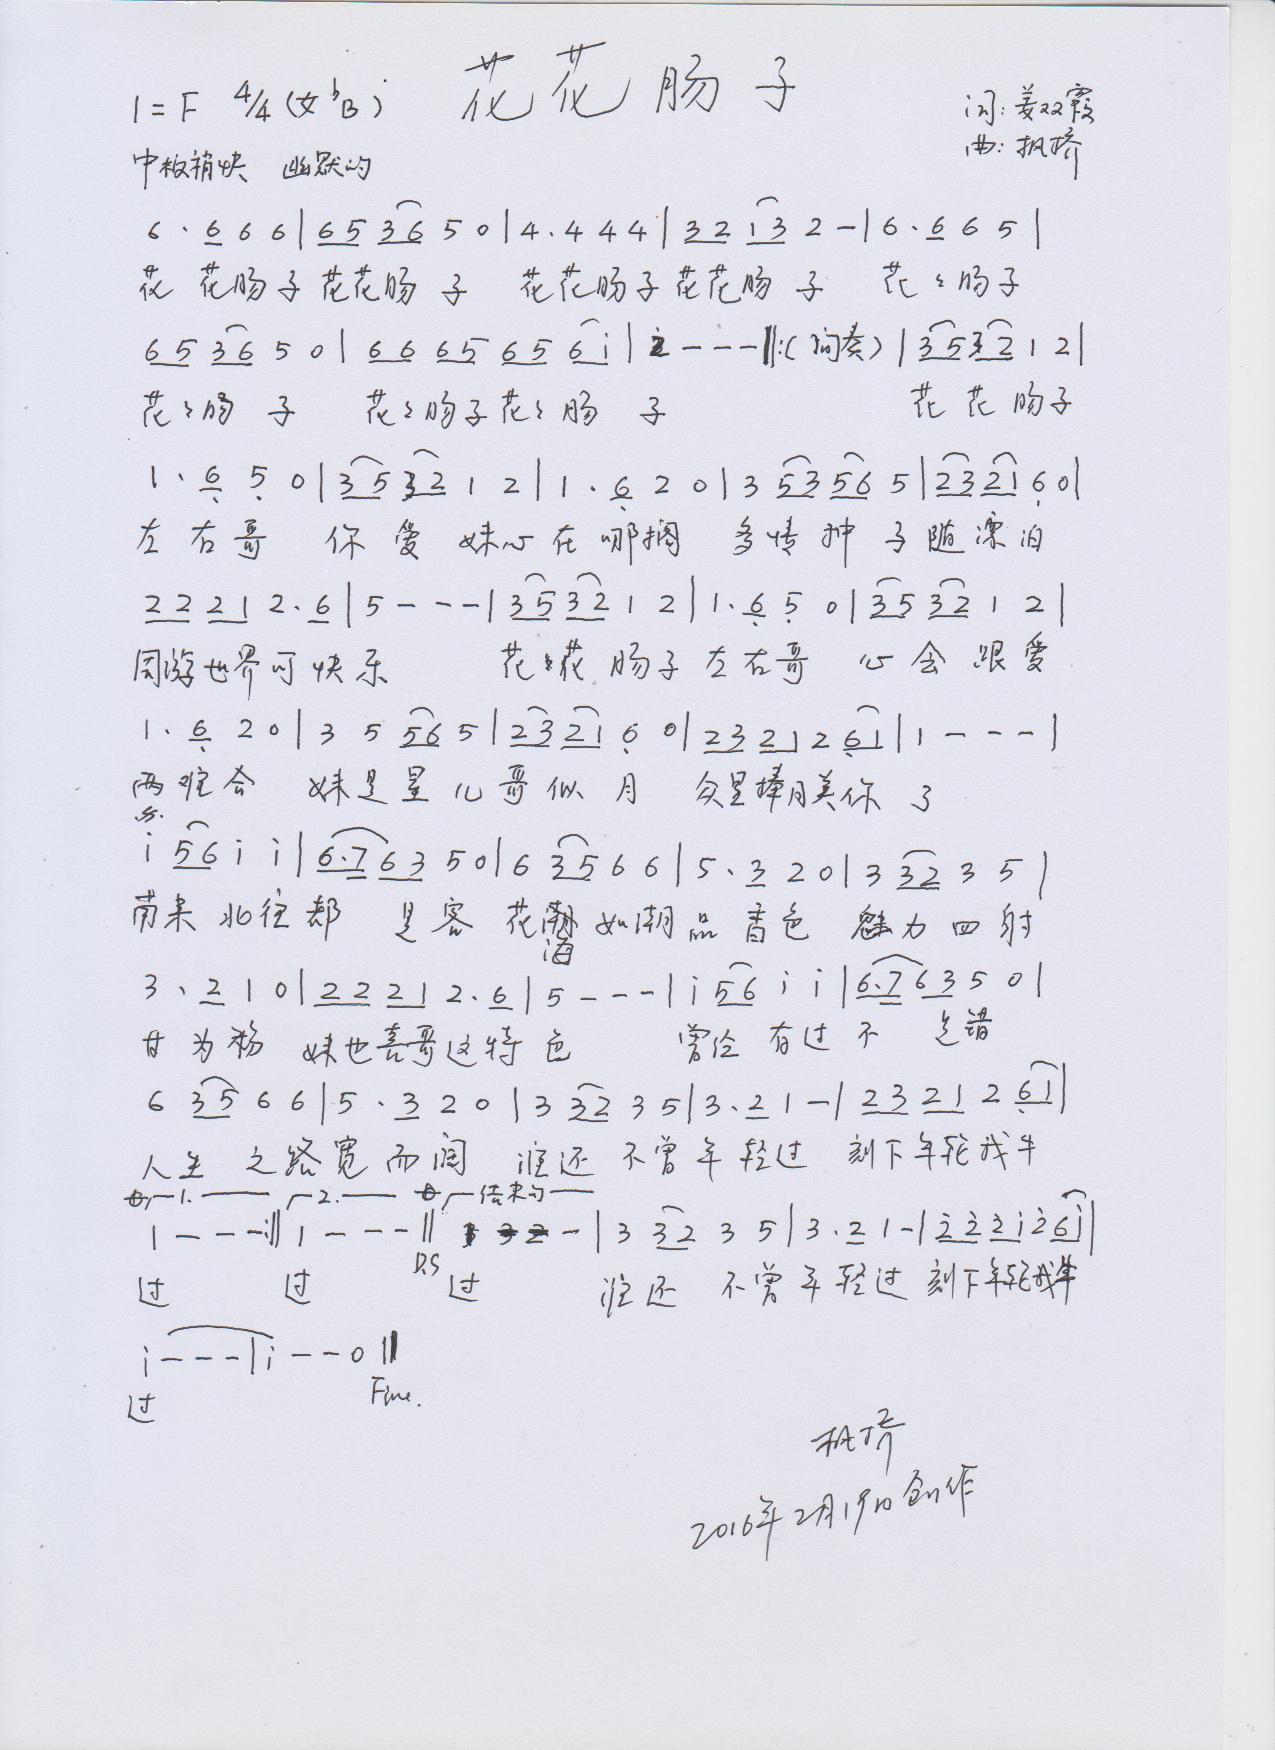 简谱和伴奏已经上传主页,喜欢的朋友可以下载演唱!